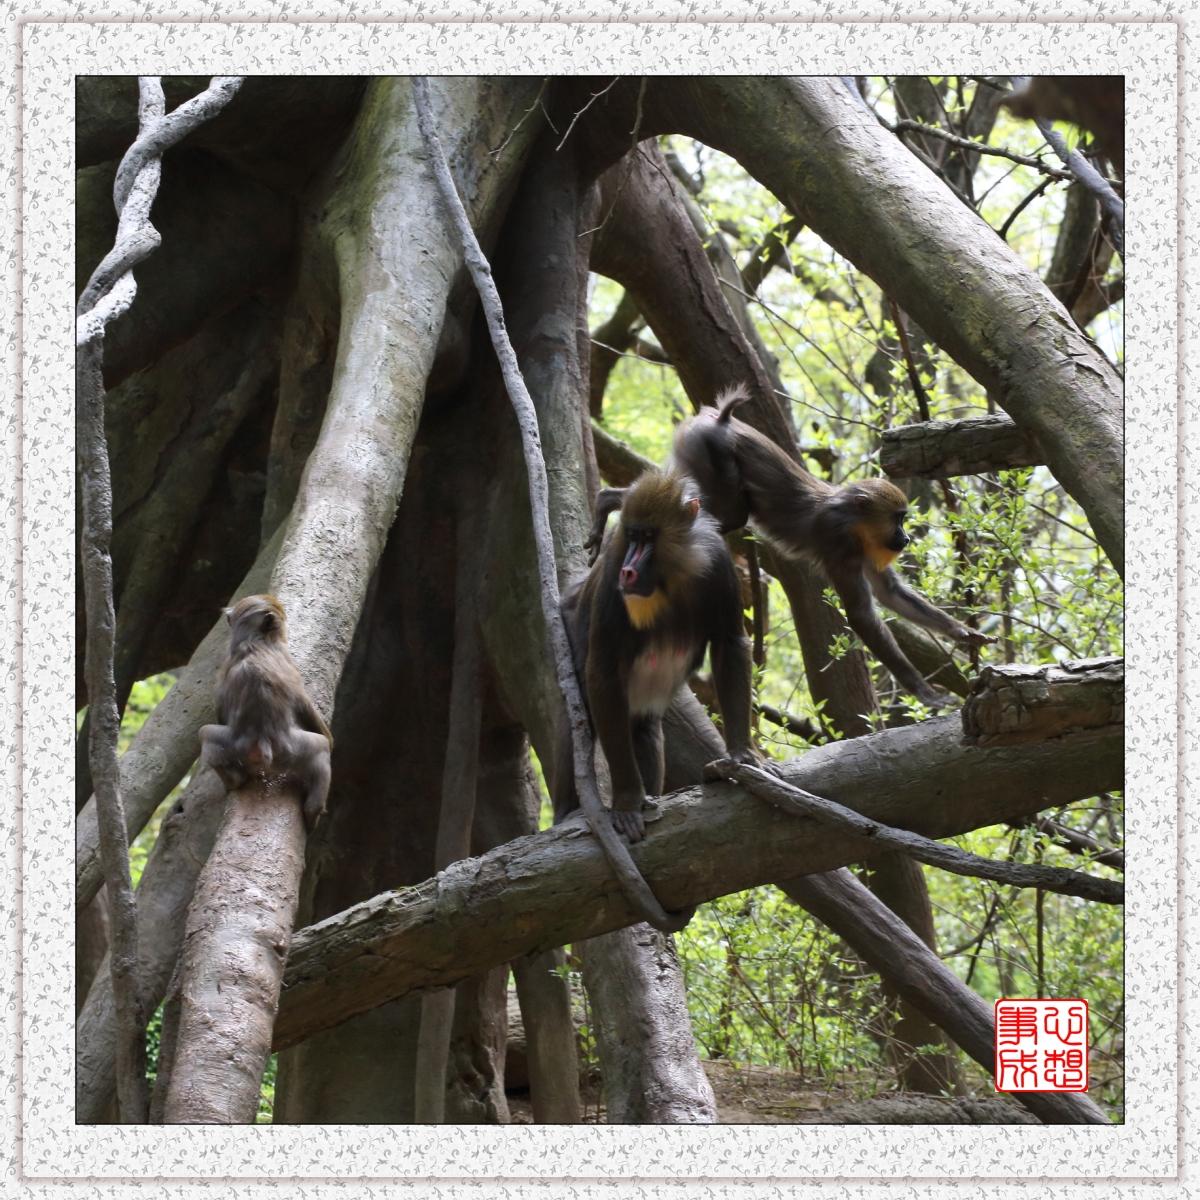 【心想事成】 人类的祖先?BRONX 动物园随拍_图1-5